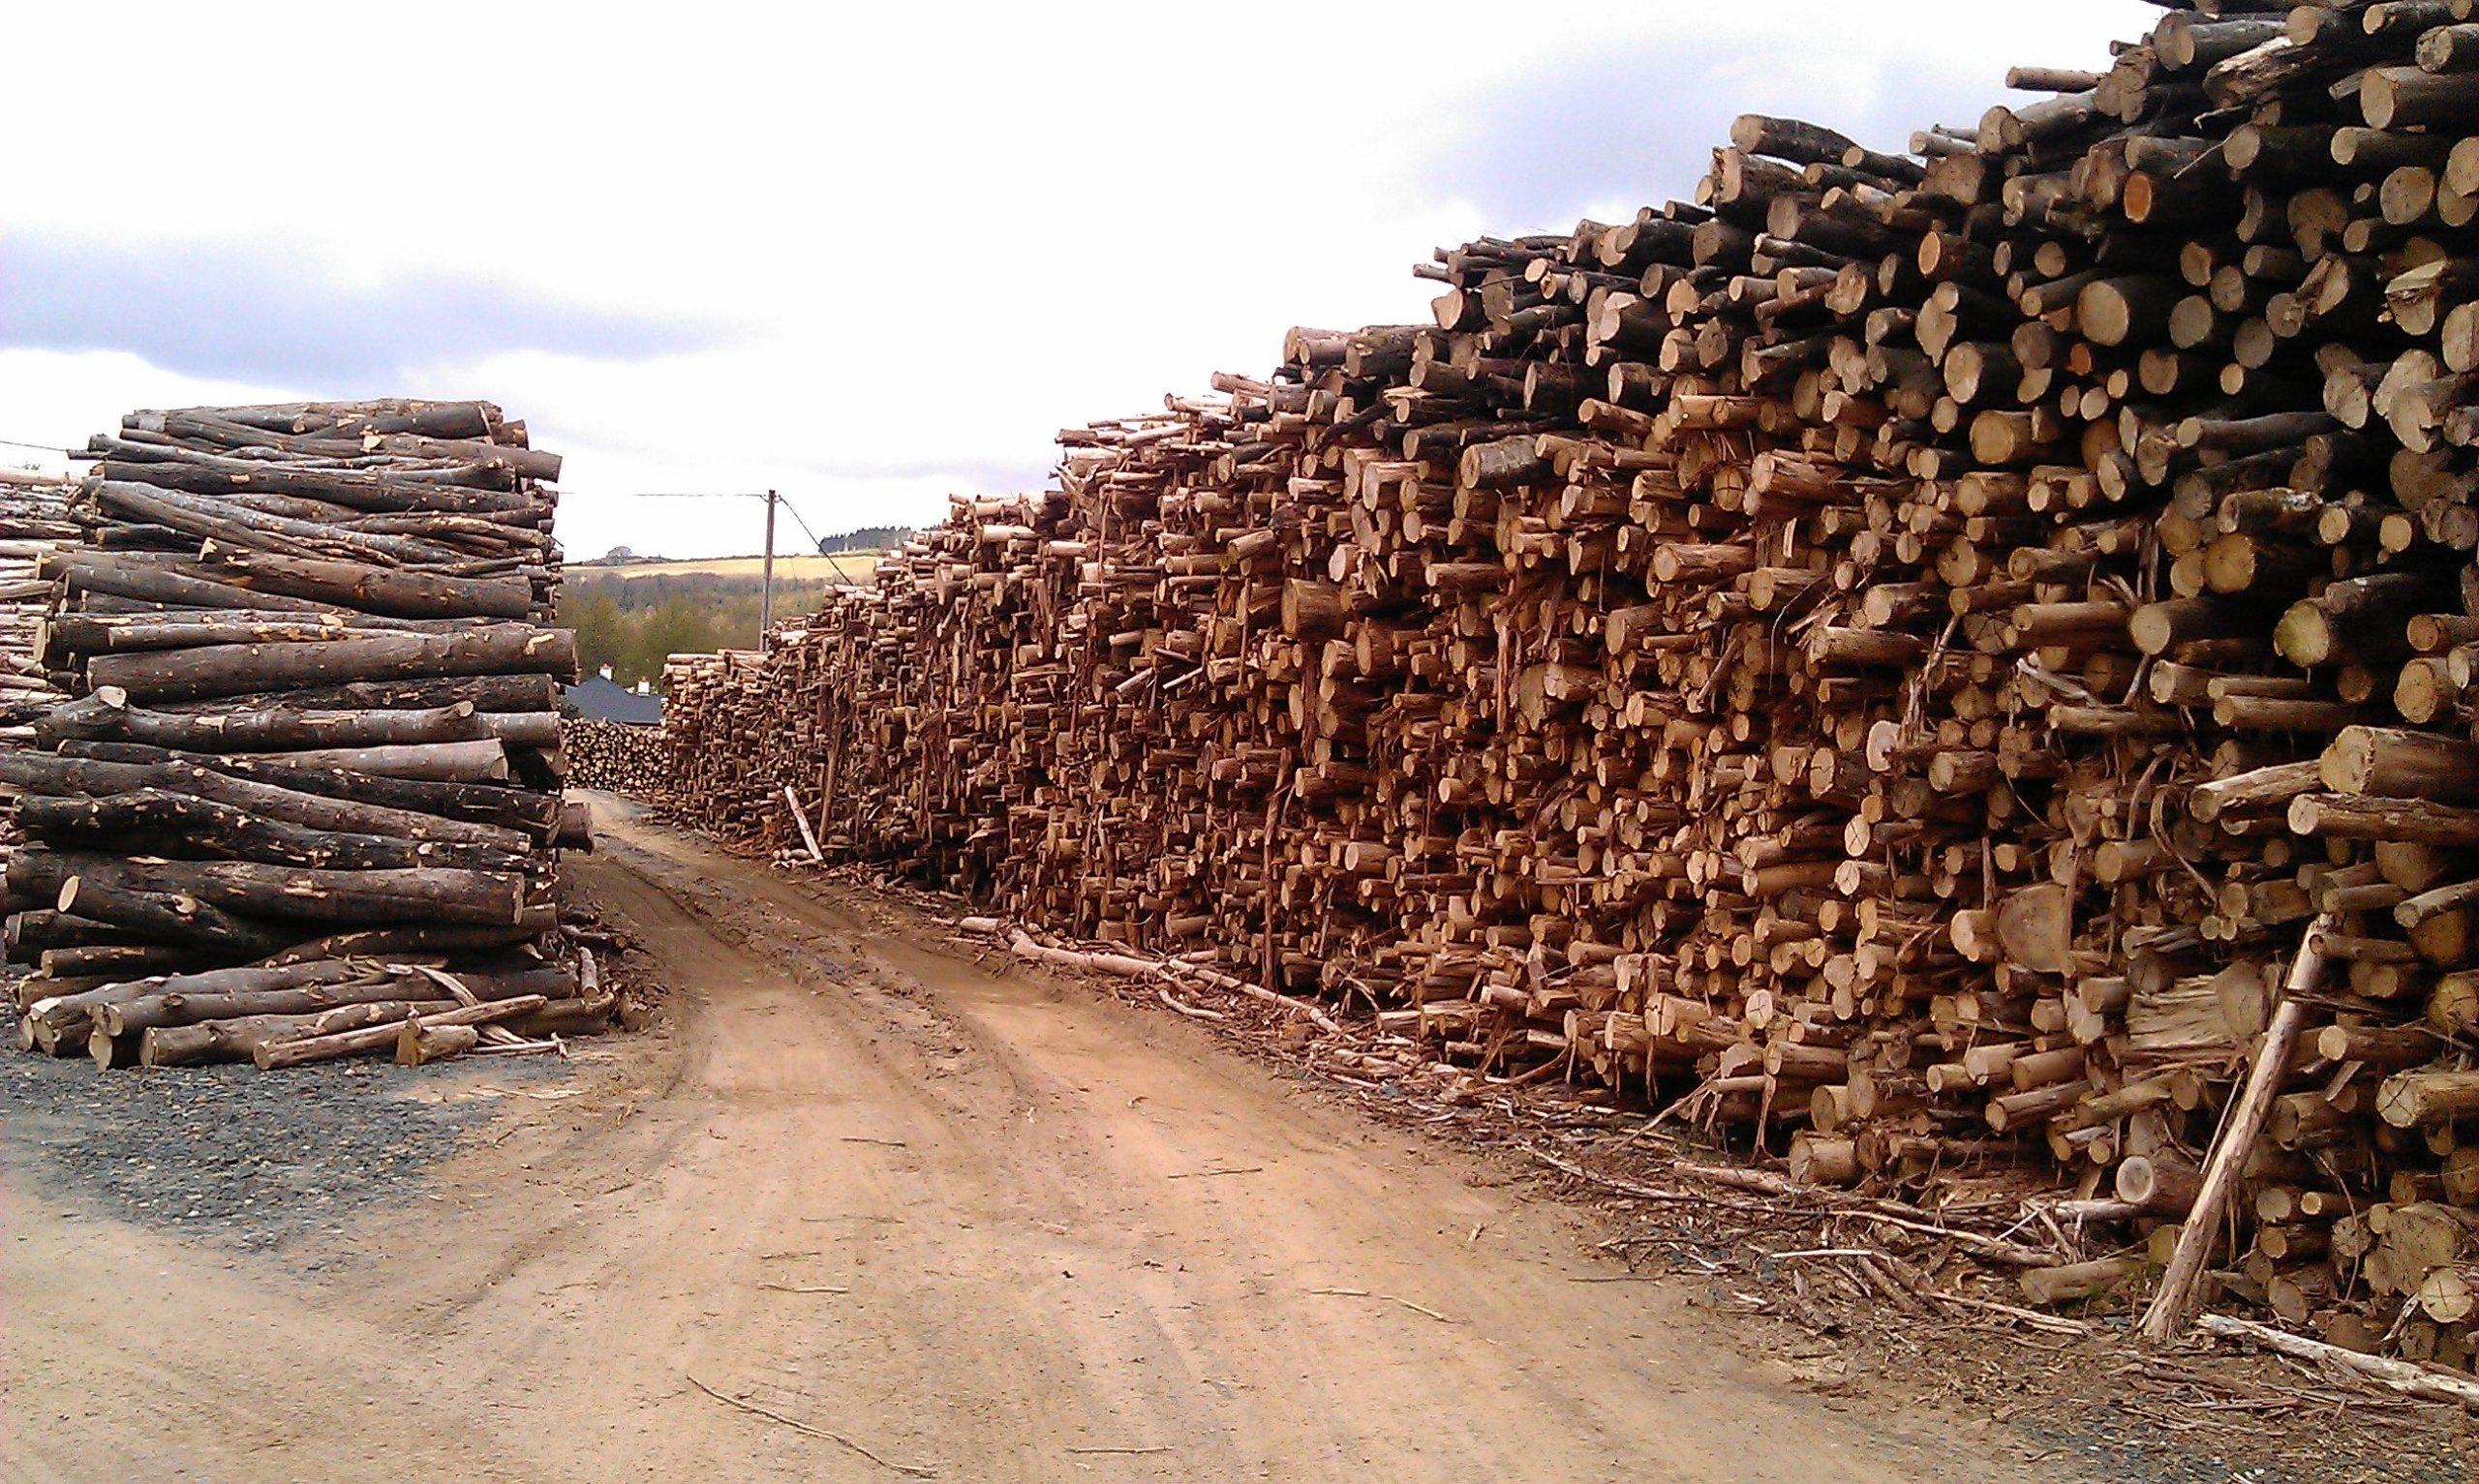 Quang cảnh khai thác gỗ tự nhiên